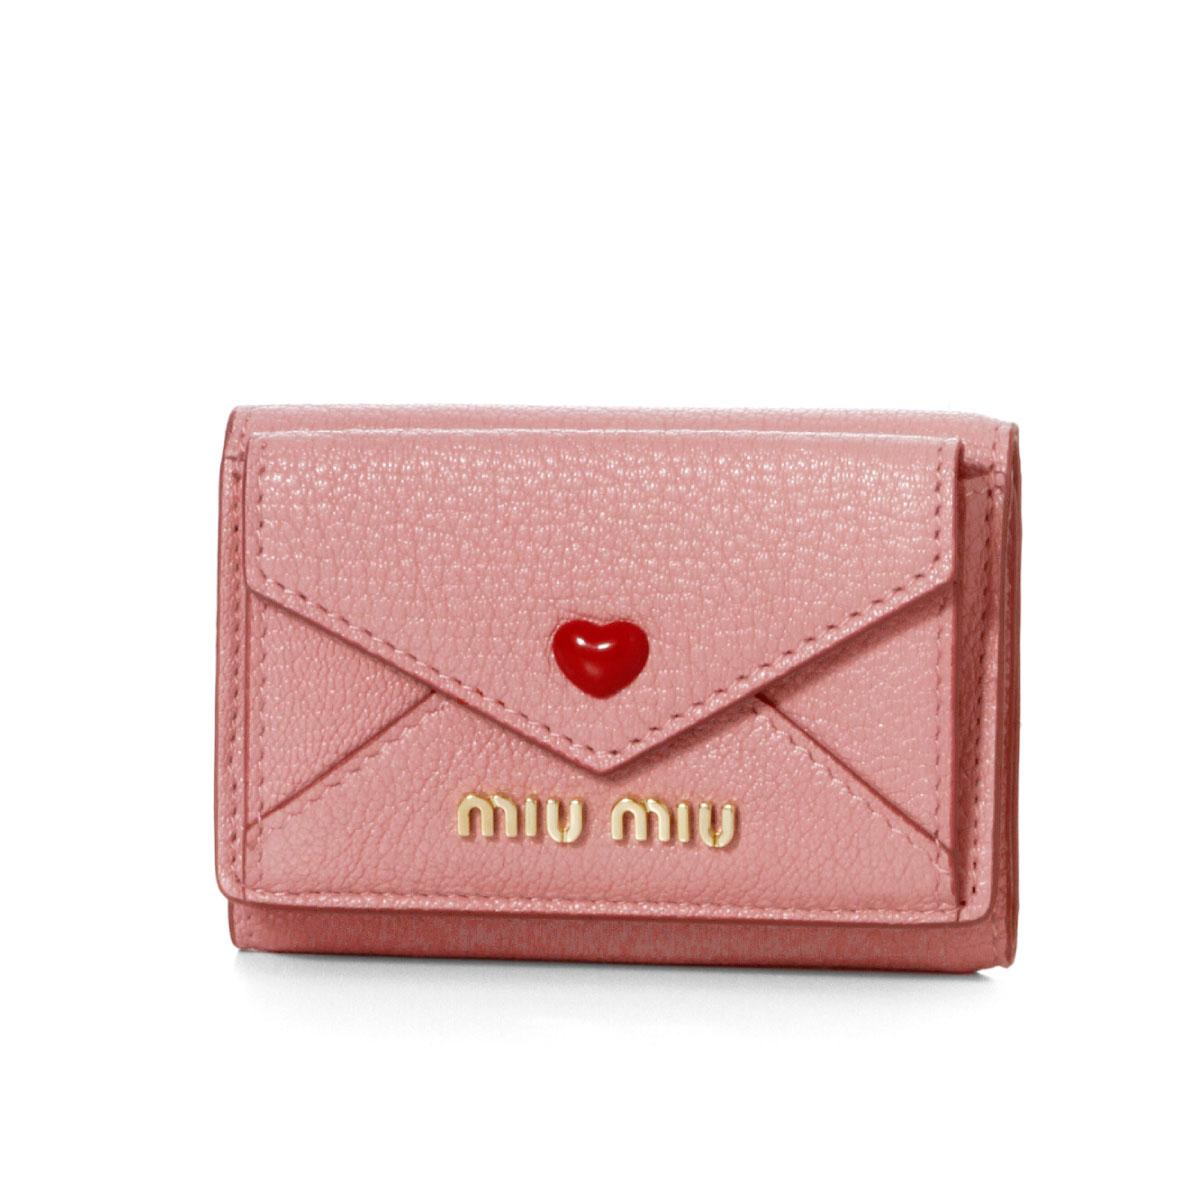 ミュウ ミュウ MIU MIU 財布 レディース 5MH021 2BC3 F0028 三つ折り財布 MADRAS LOVE RO